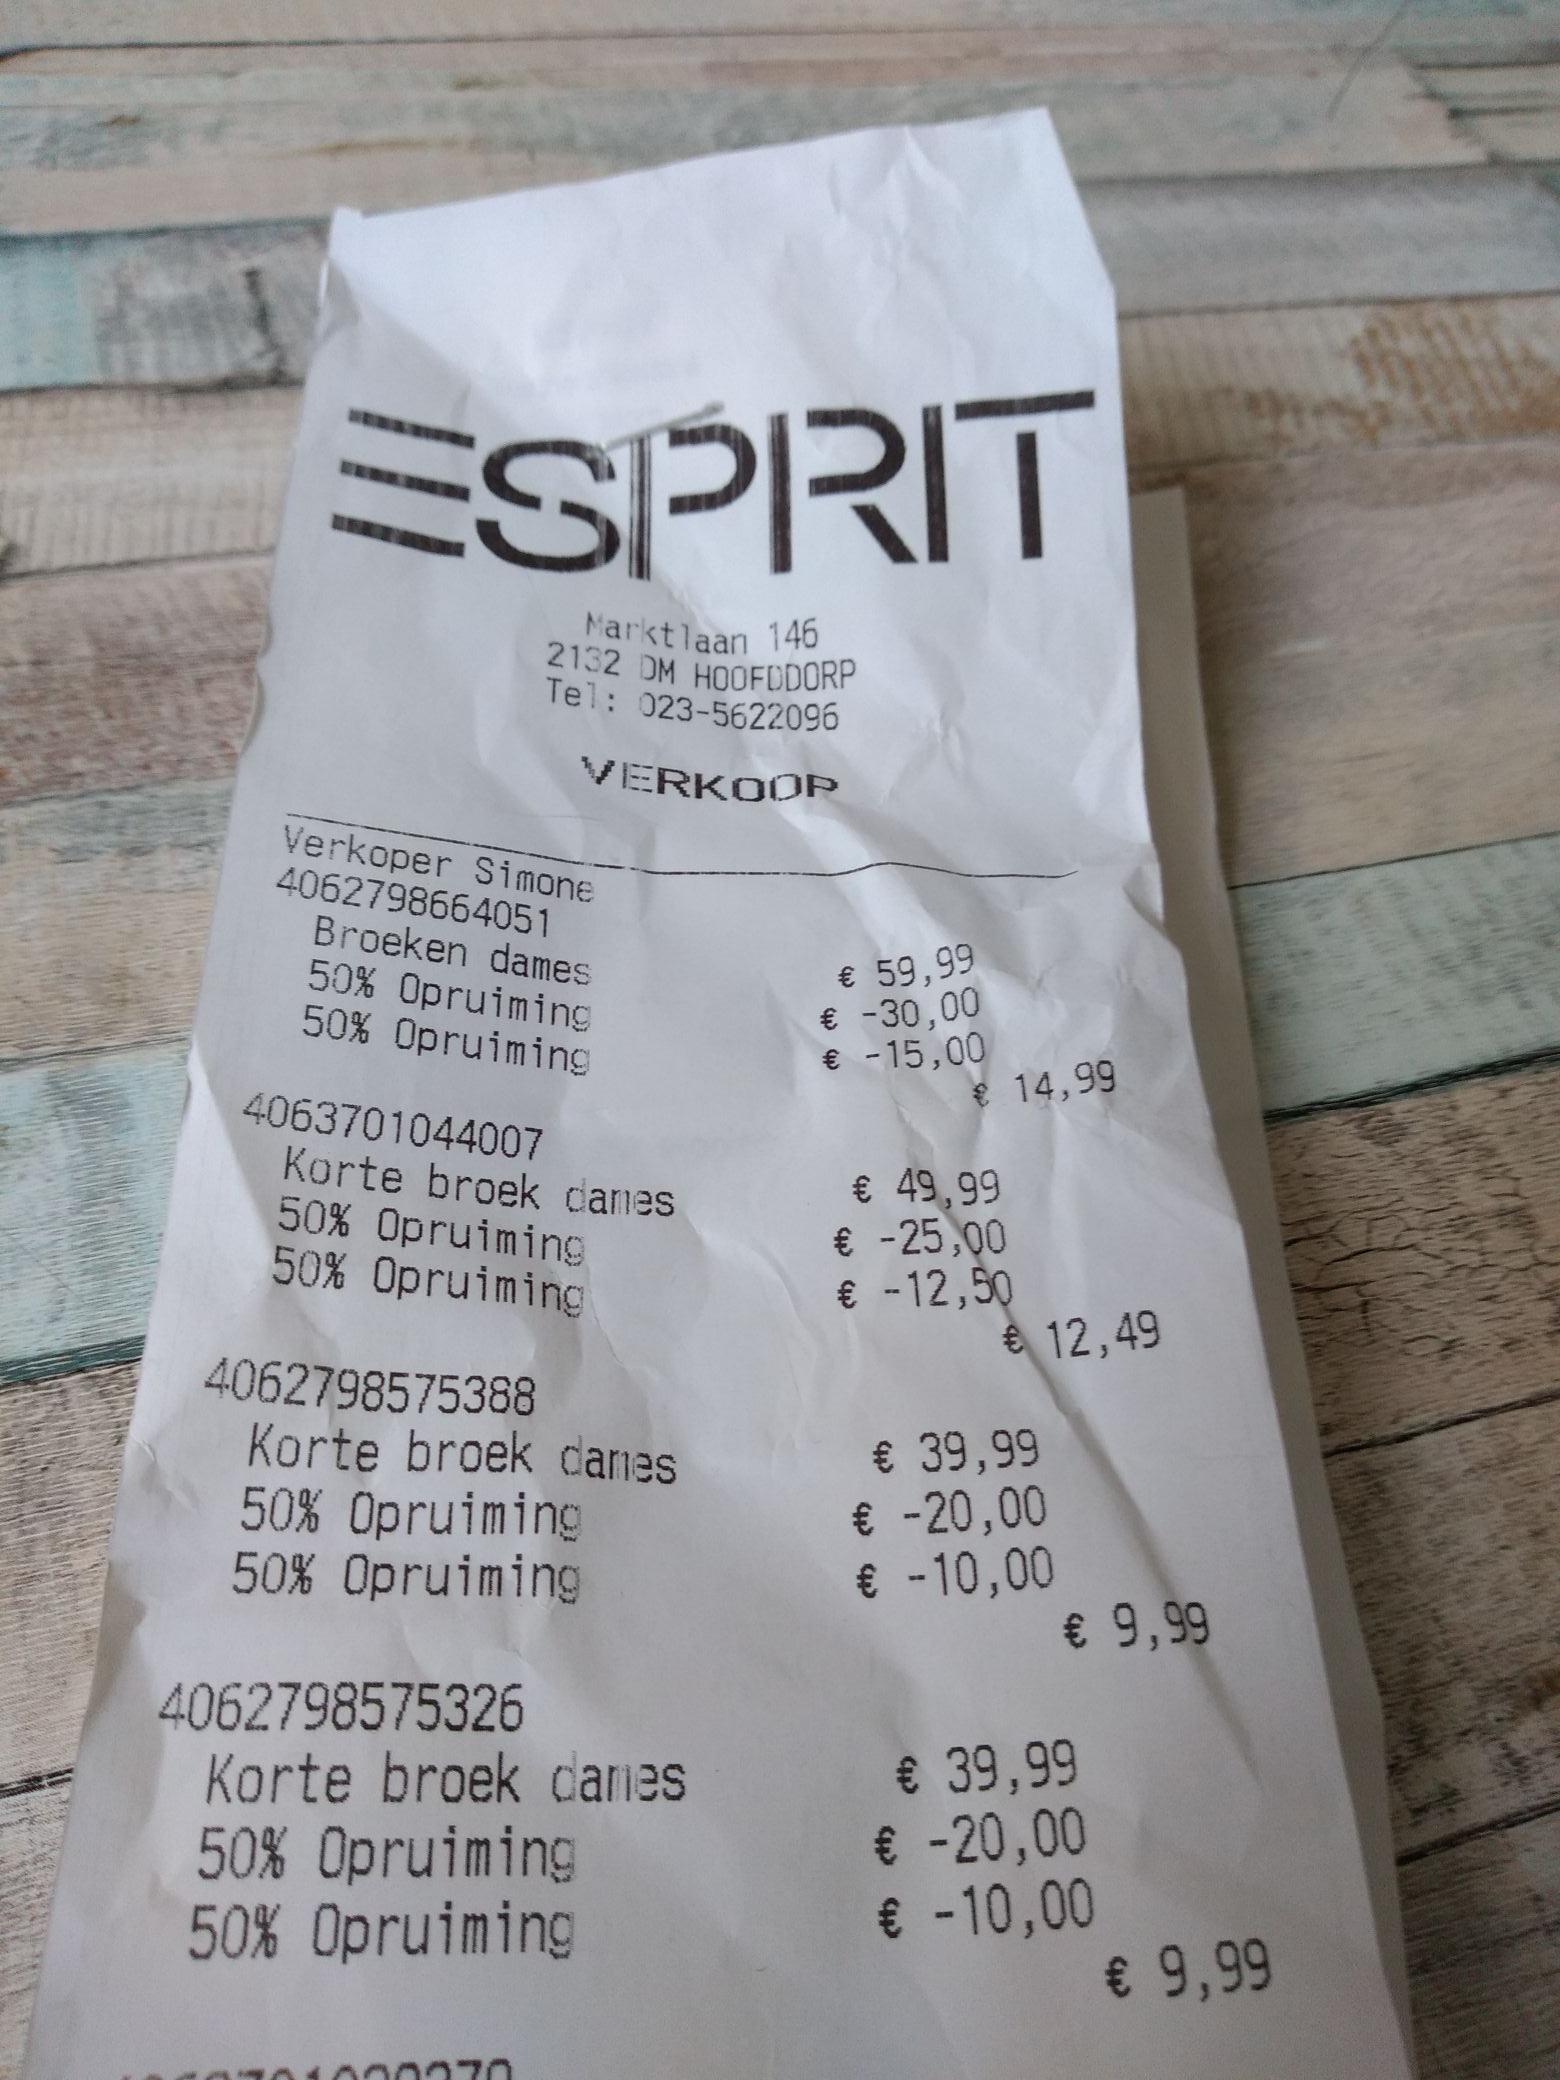 [lokaal?] 75% korting in store op zomer sale @ Esprit